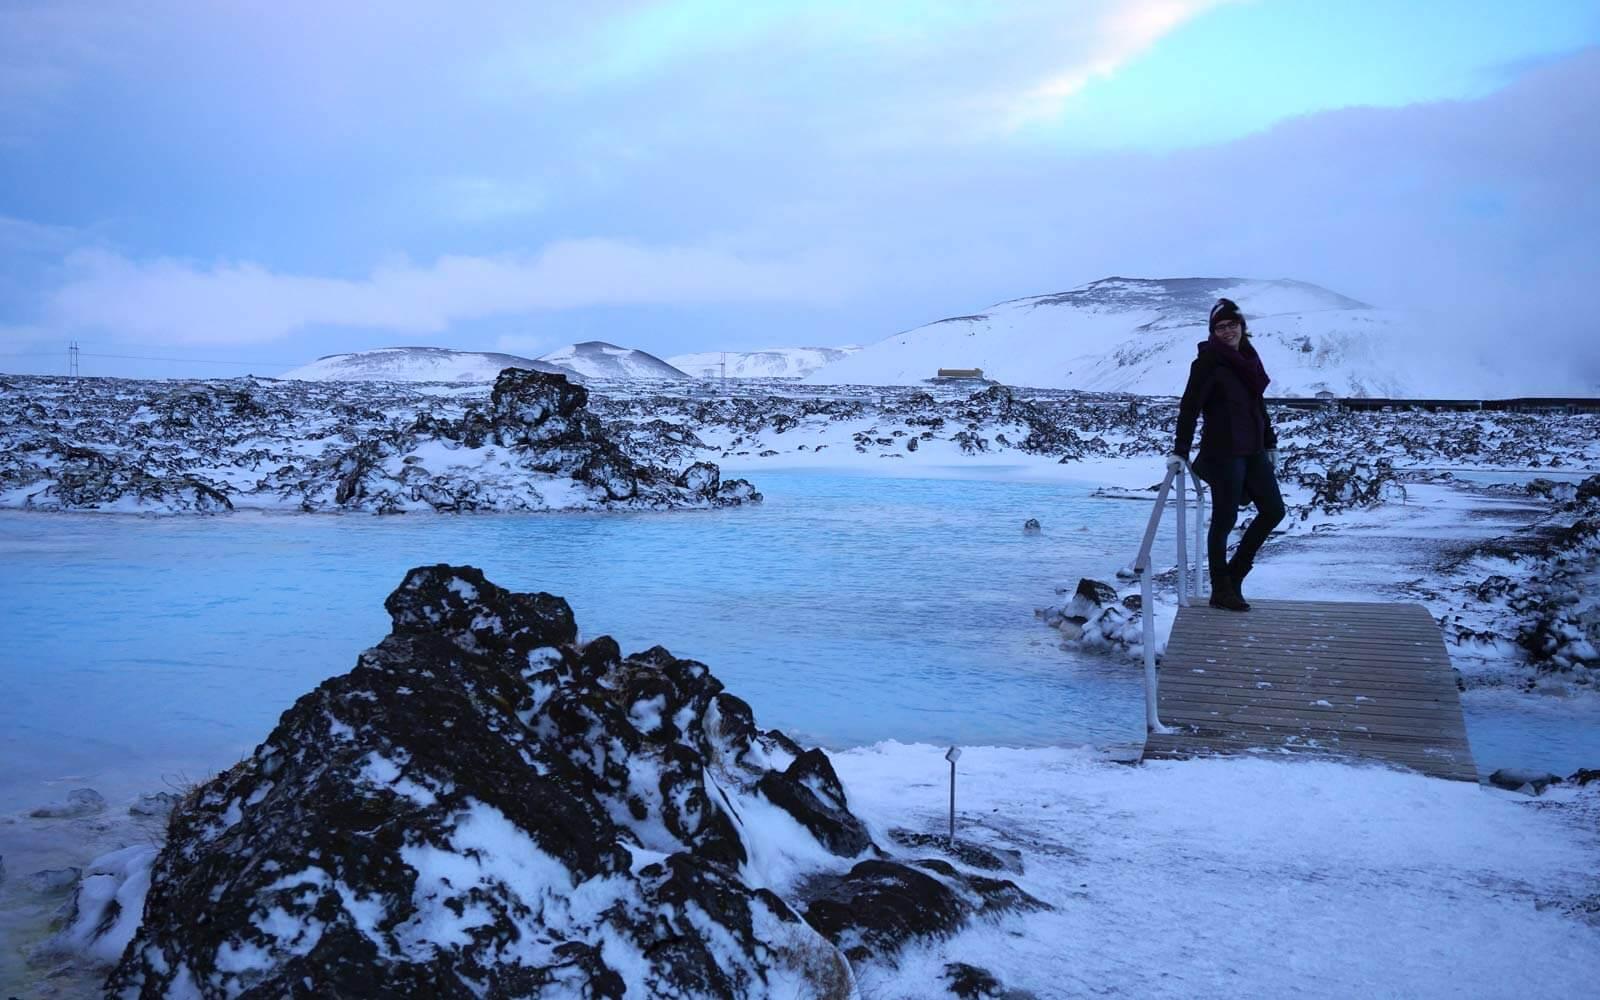 Lena Eislandschaft Island